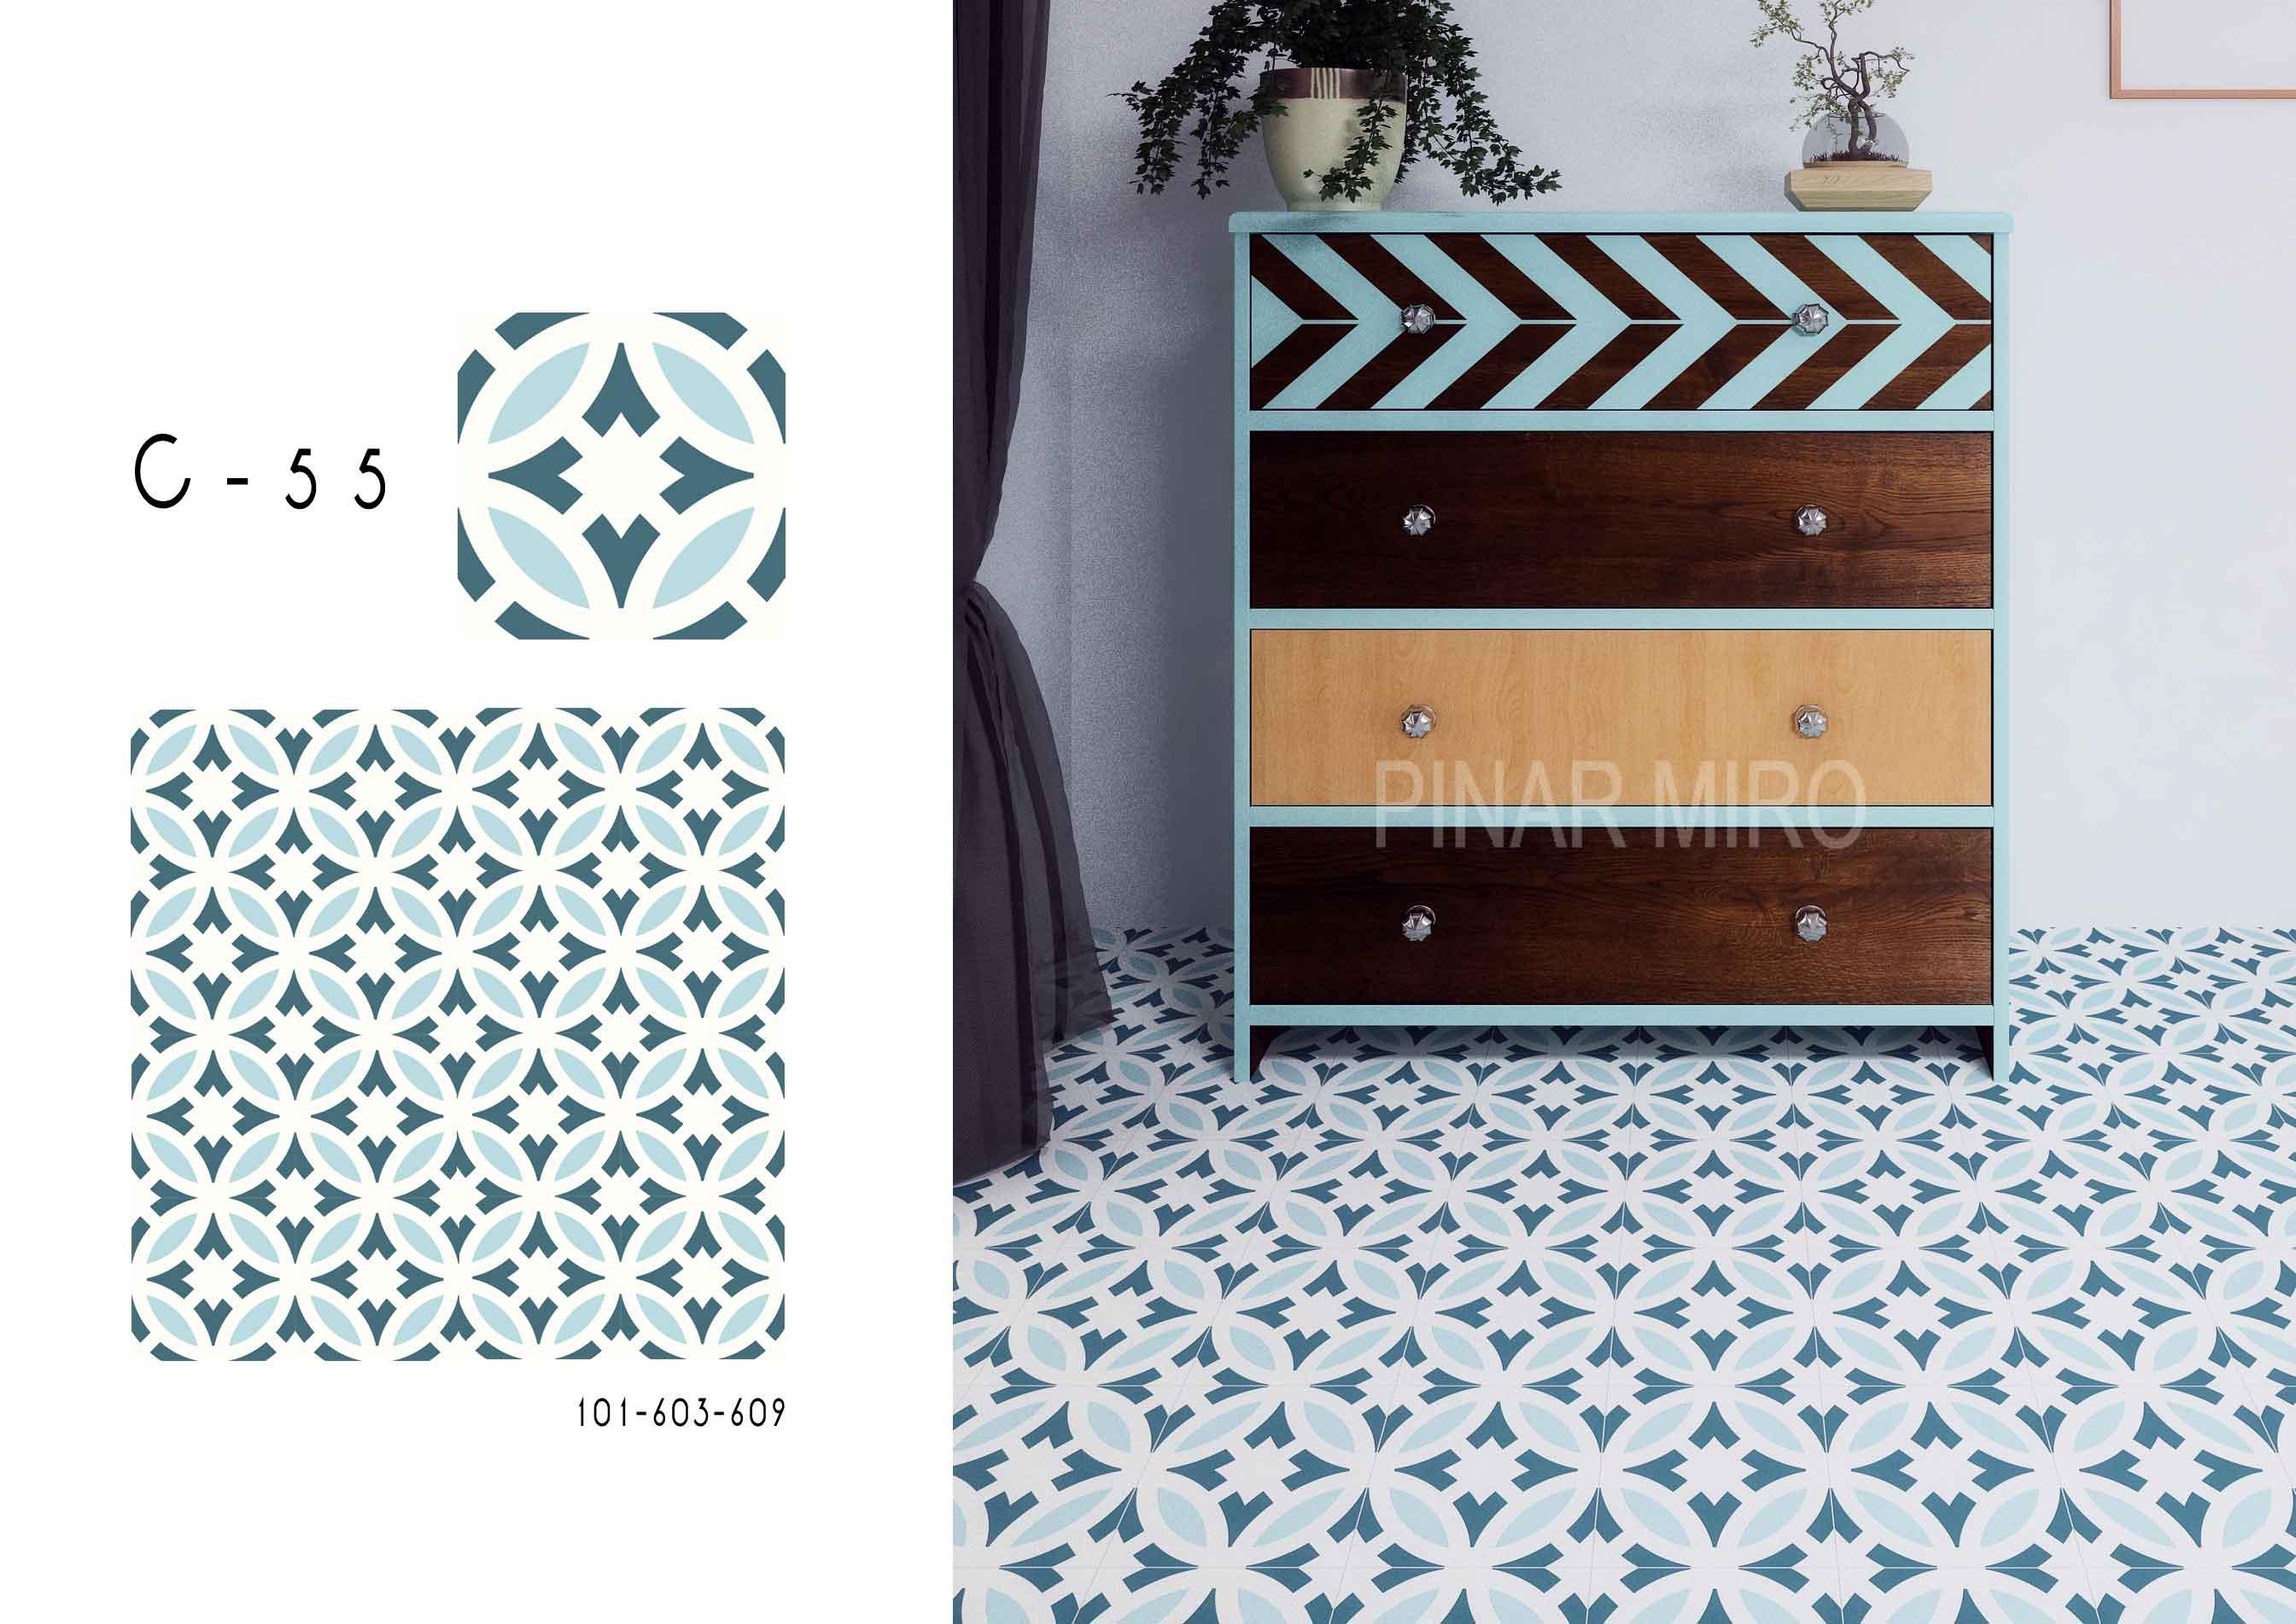 2-c55-pinar-miro-cement-tiles